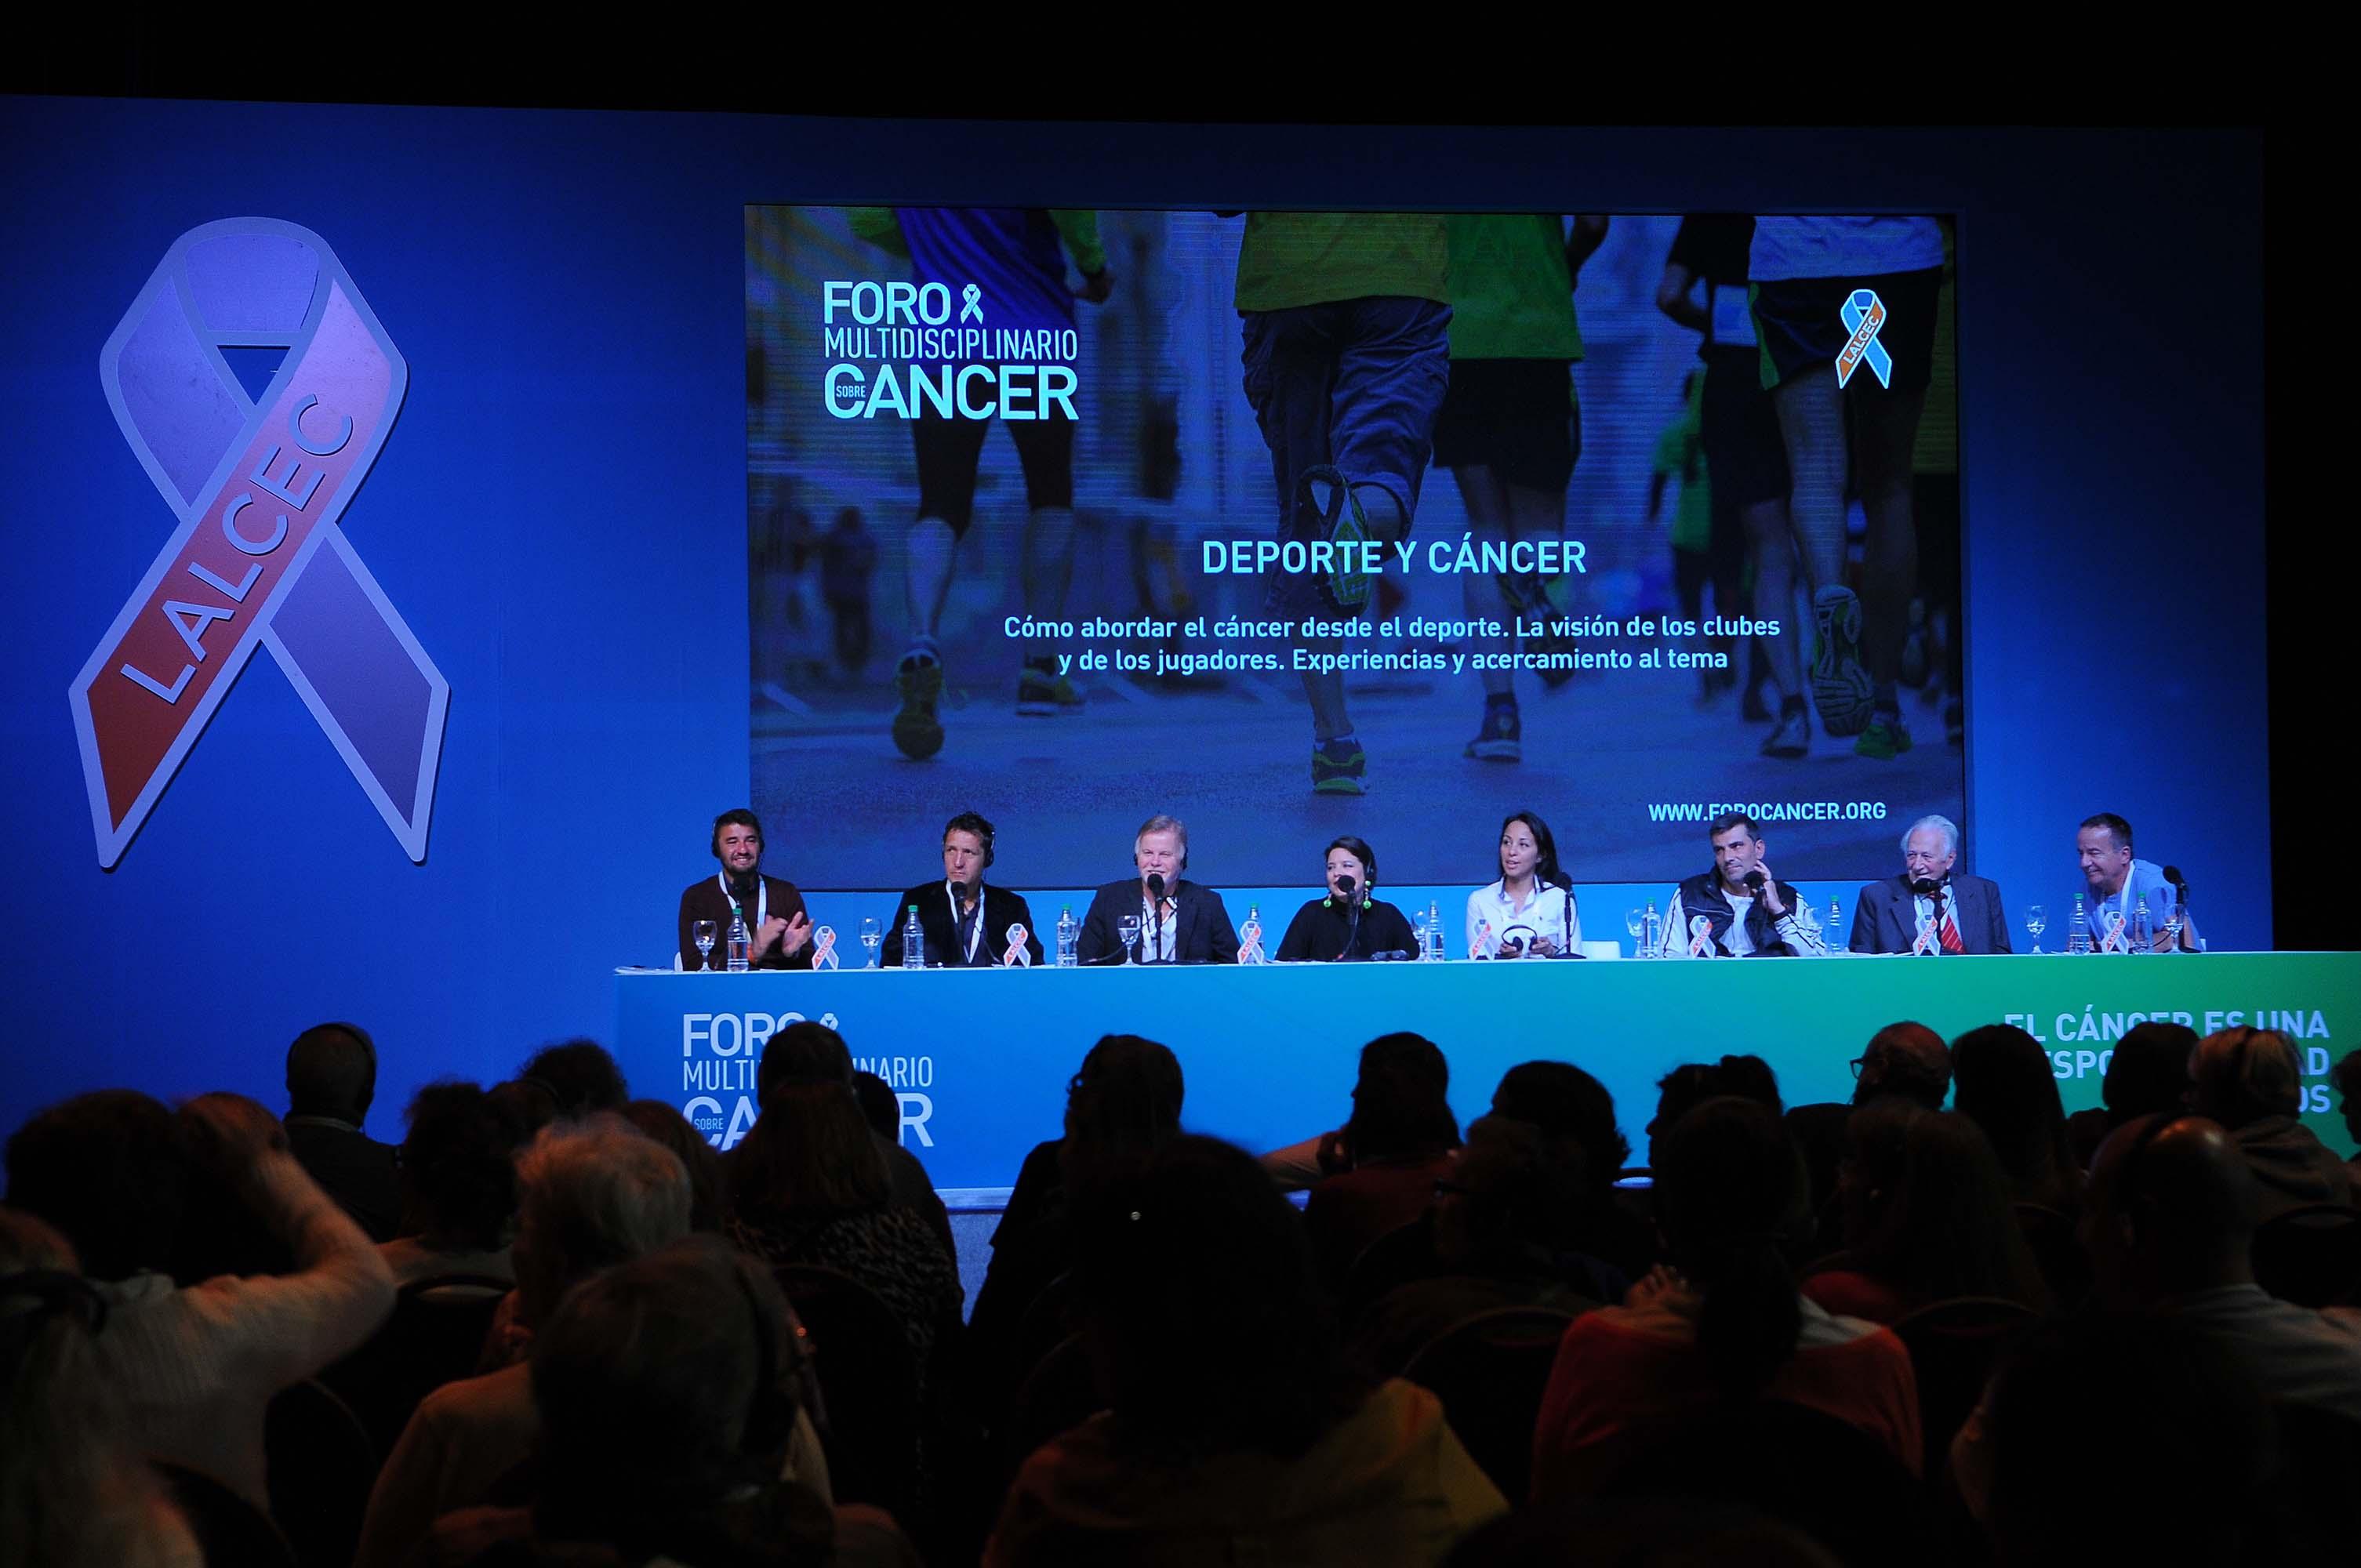 Deporte y cáncer